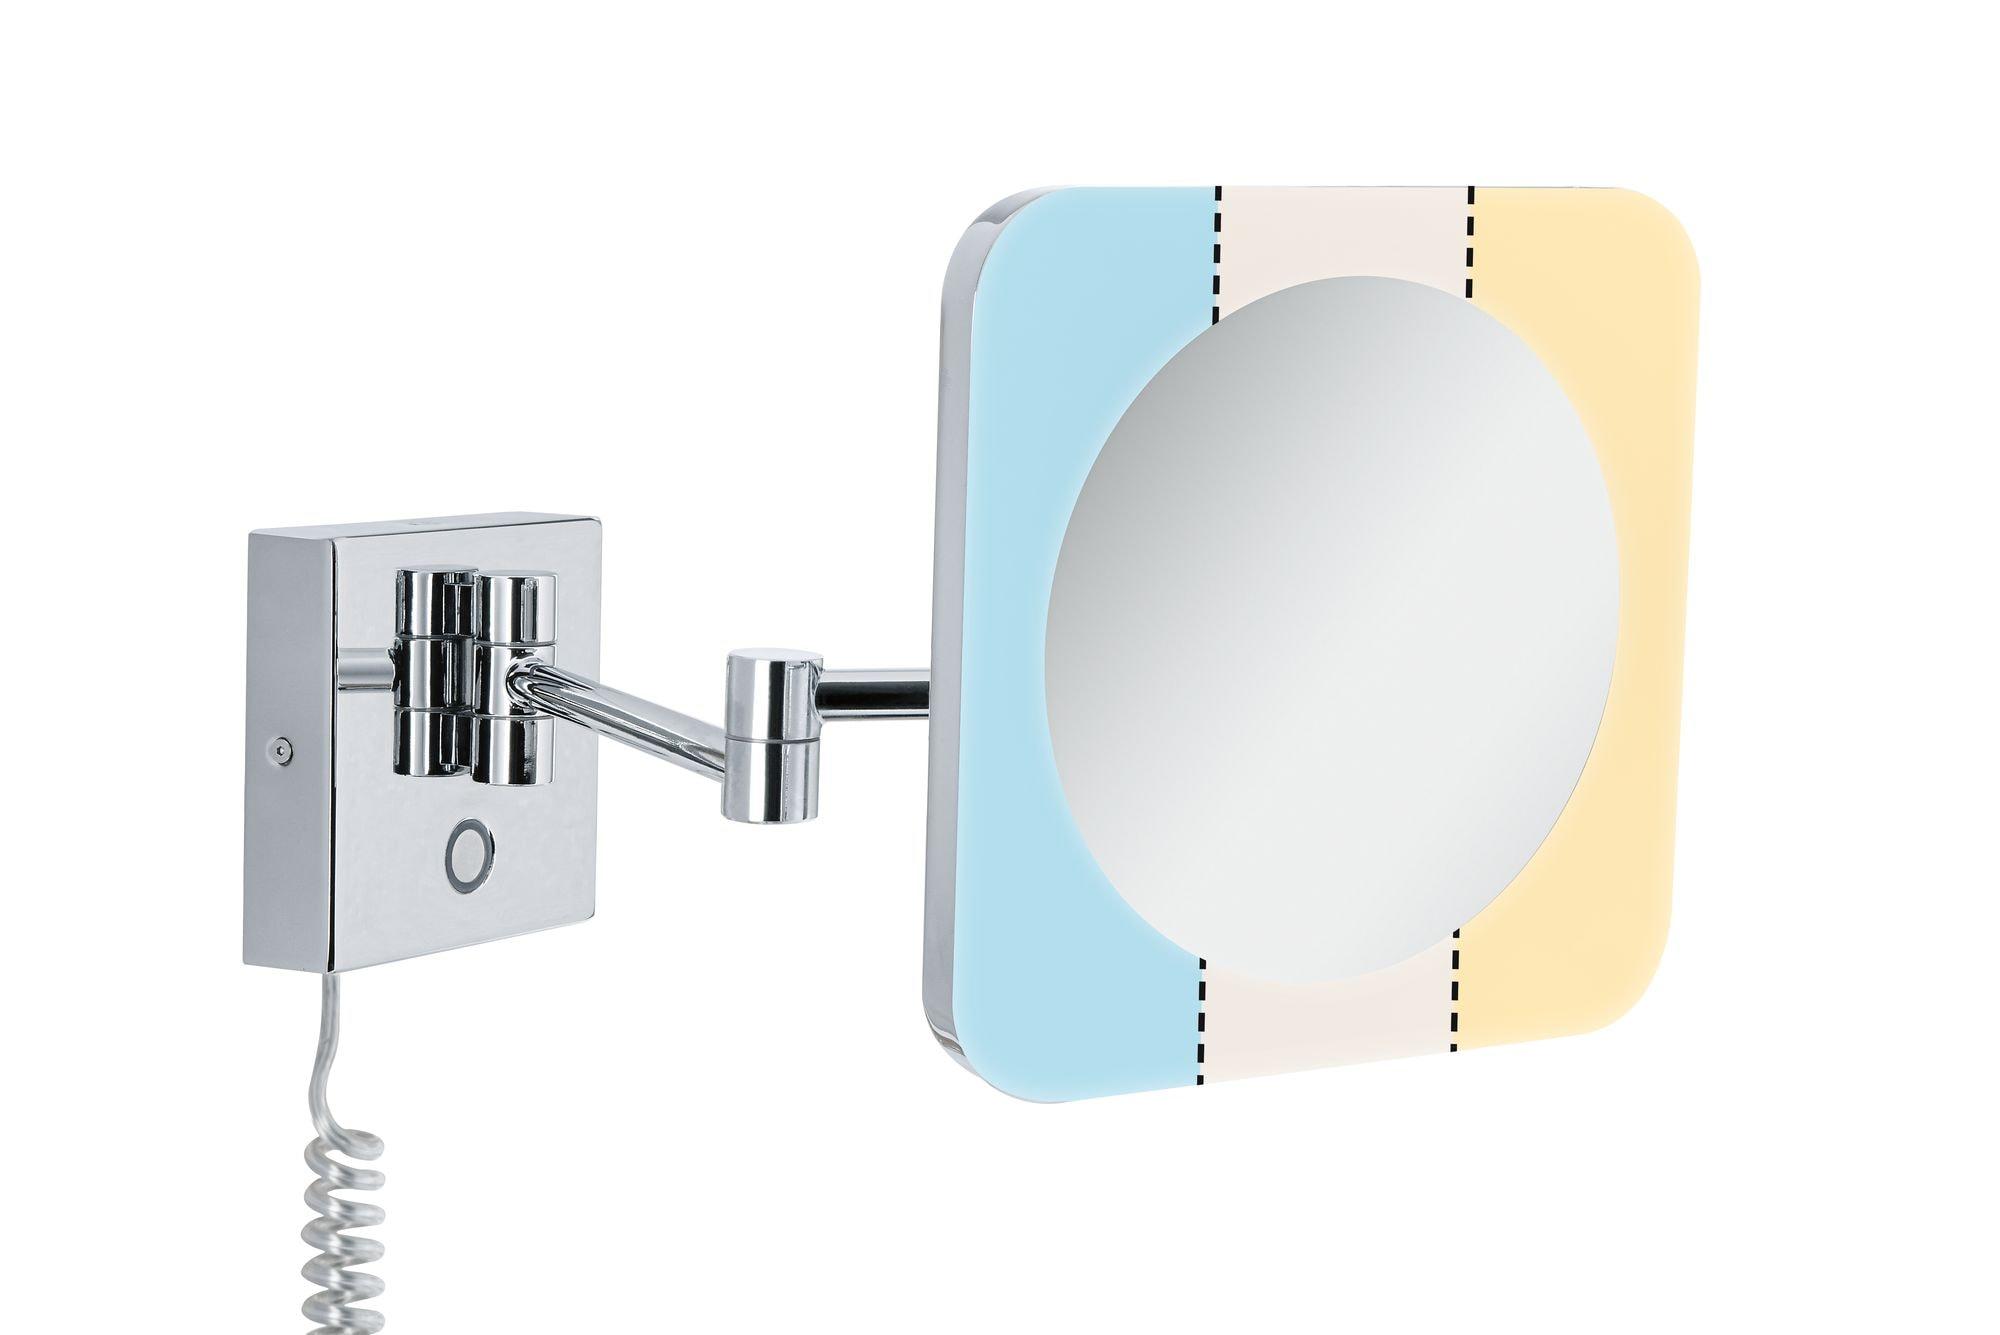 Paulmann,LED Wandleuchte HomeSpa Kosmetikspiegel Jora IP44 mit 3-fach Vergrößerung und Tunable White Chrom/Weiß/Spiegel 3,3W 2.700K